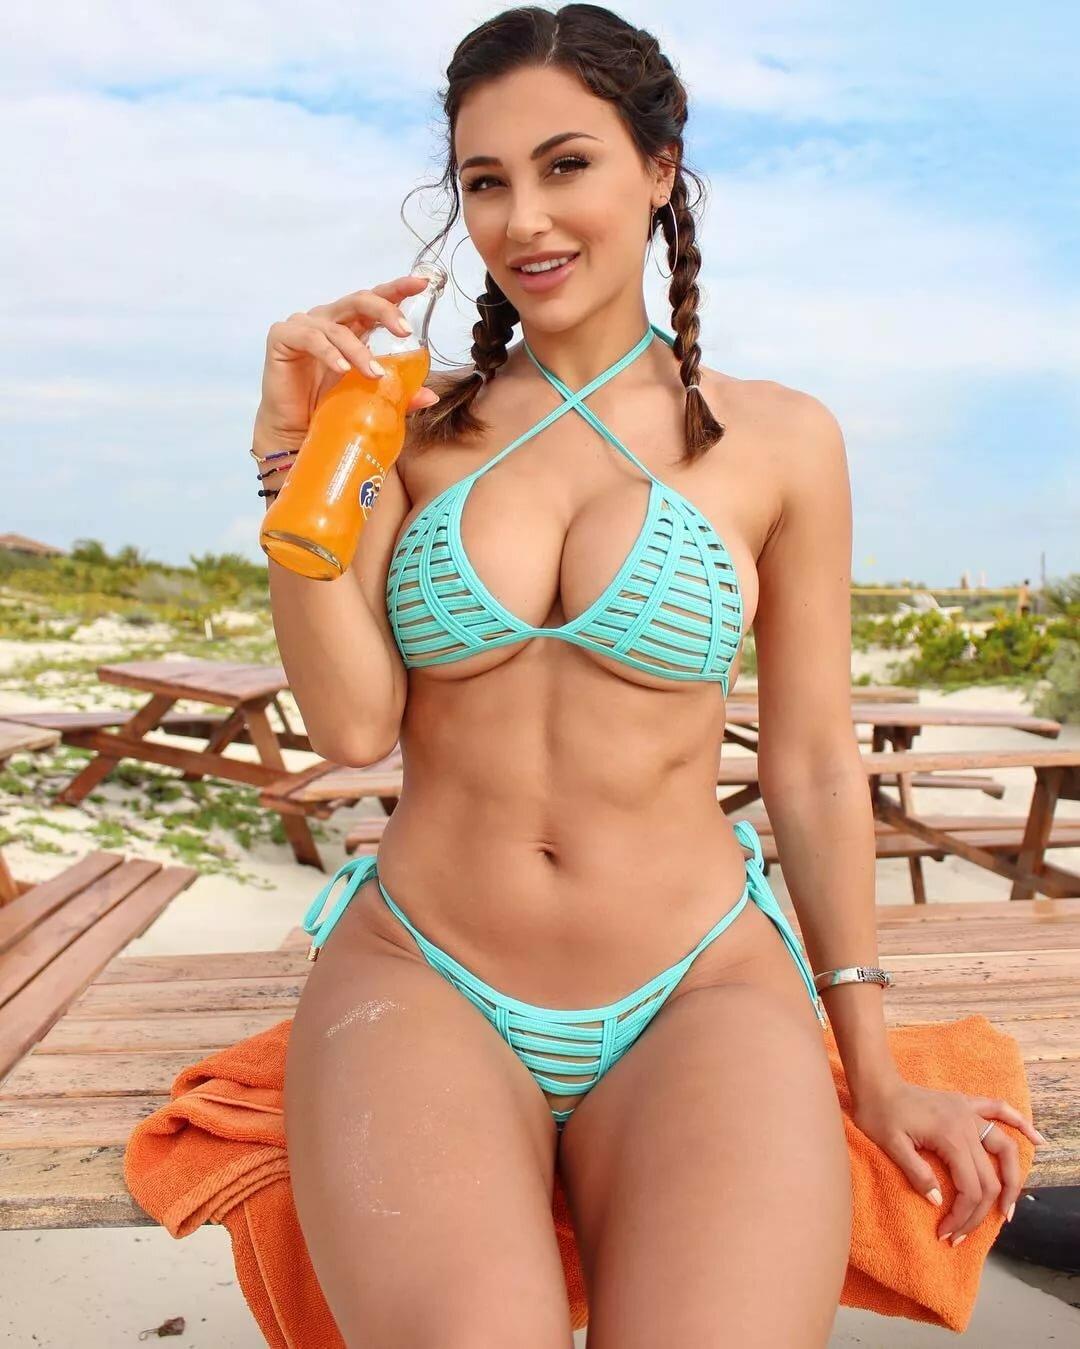 juicy-bikini-pics